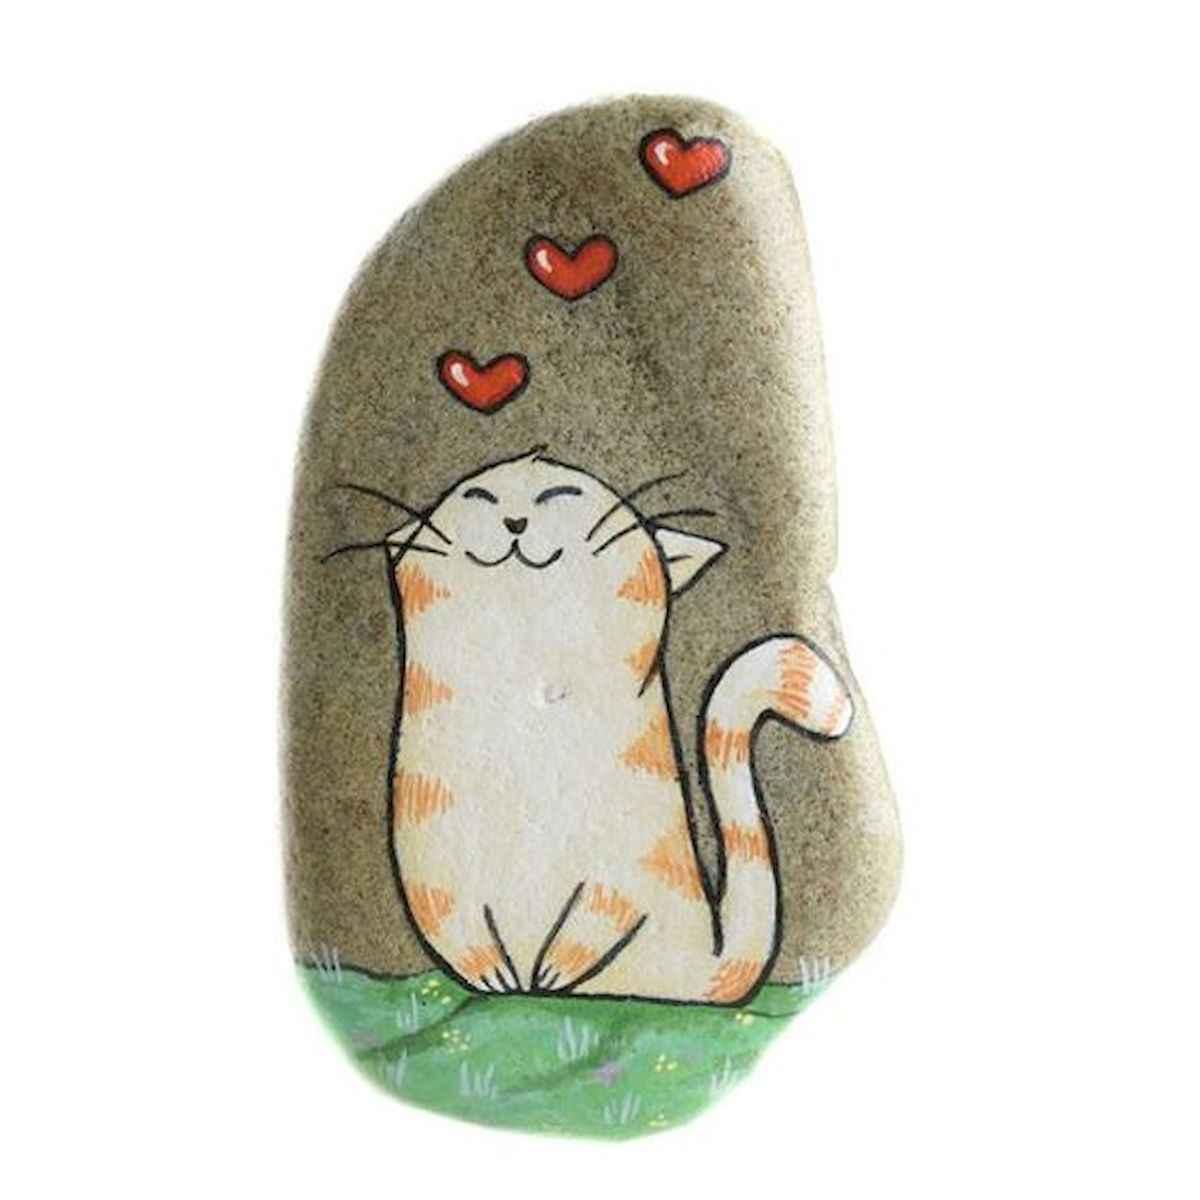 50 Inspiring DIY Painted Rocks Animals Cats for Summer Ideas (25)